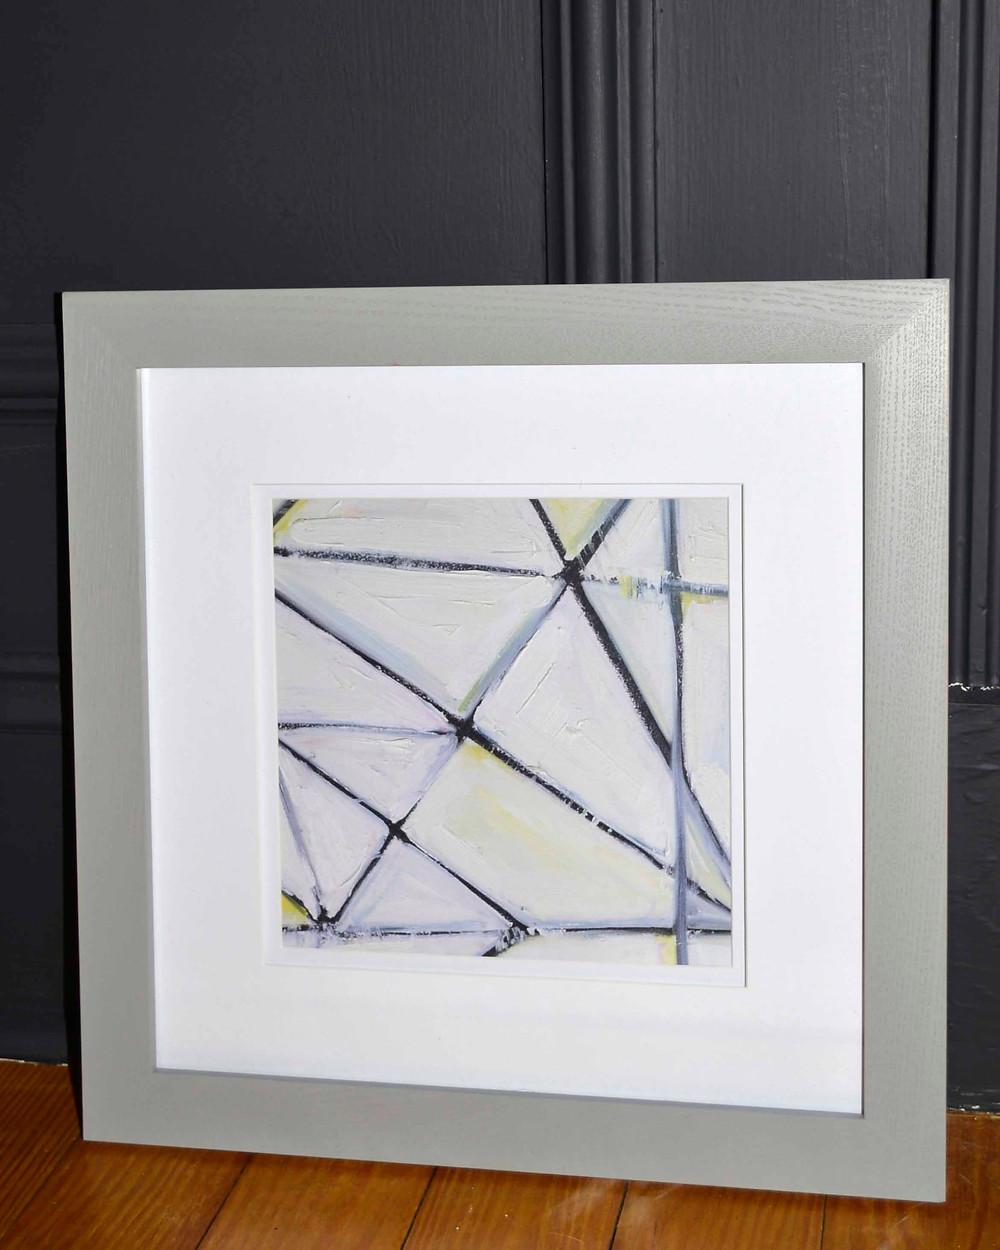 5414 framed print.jpg